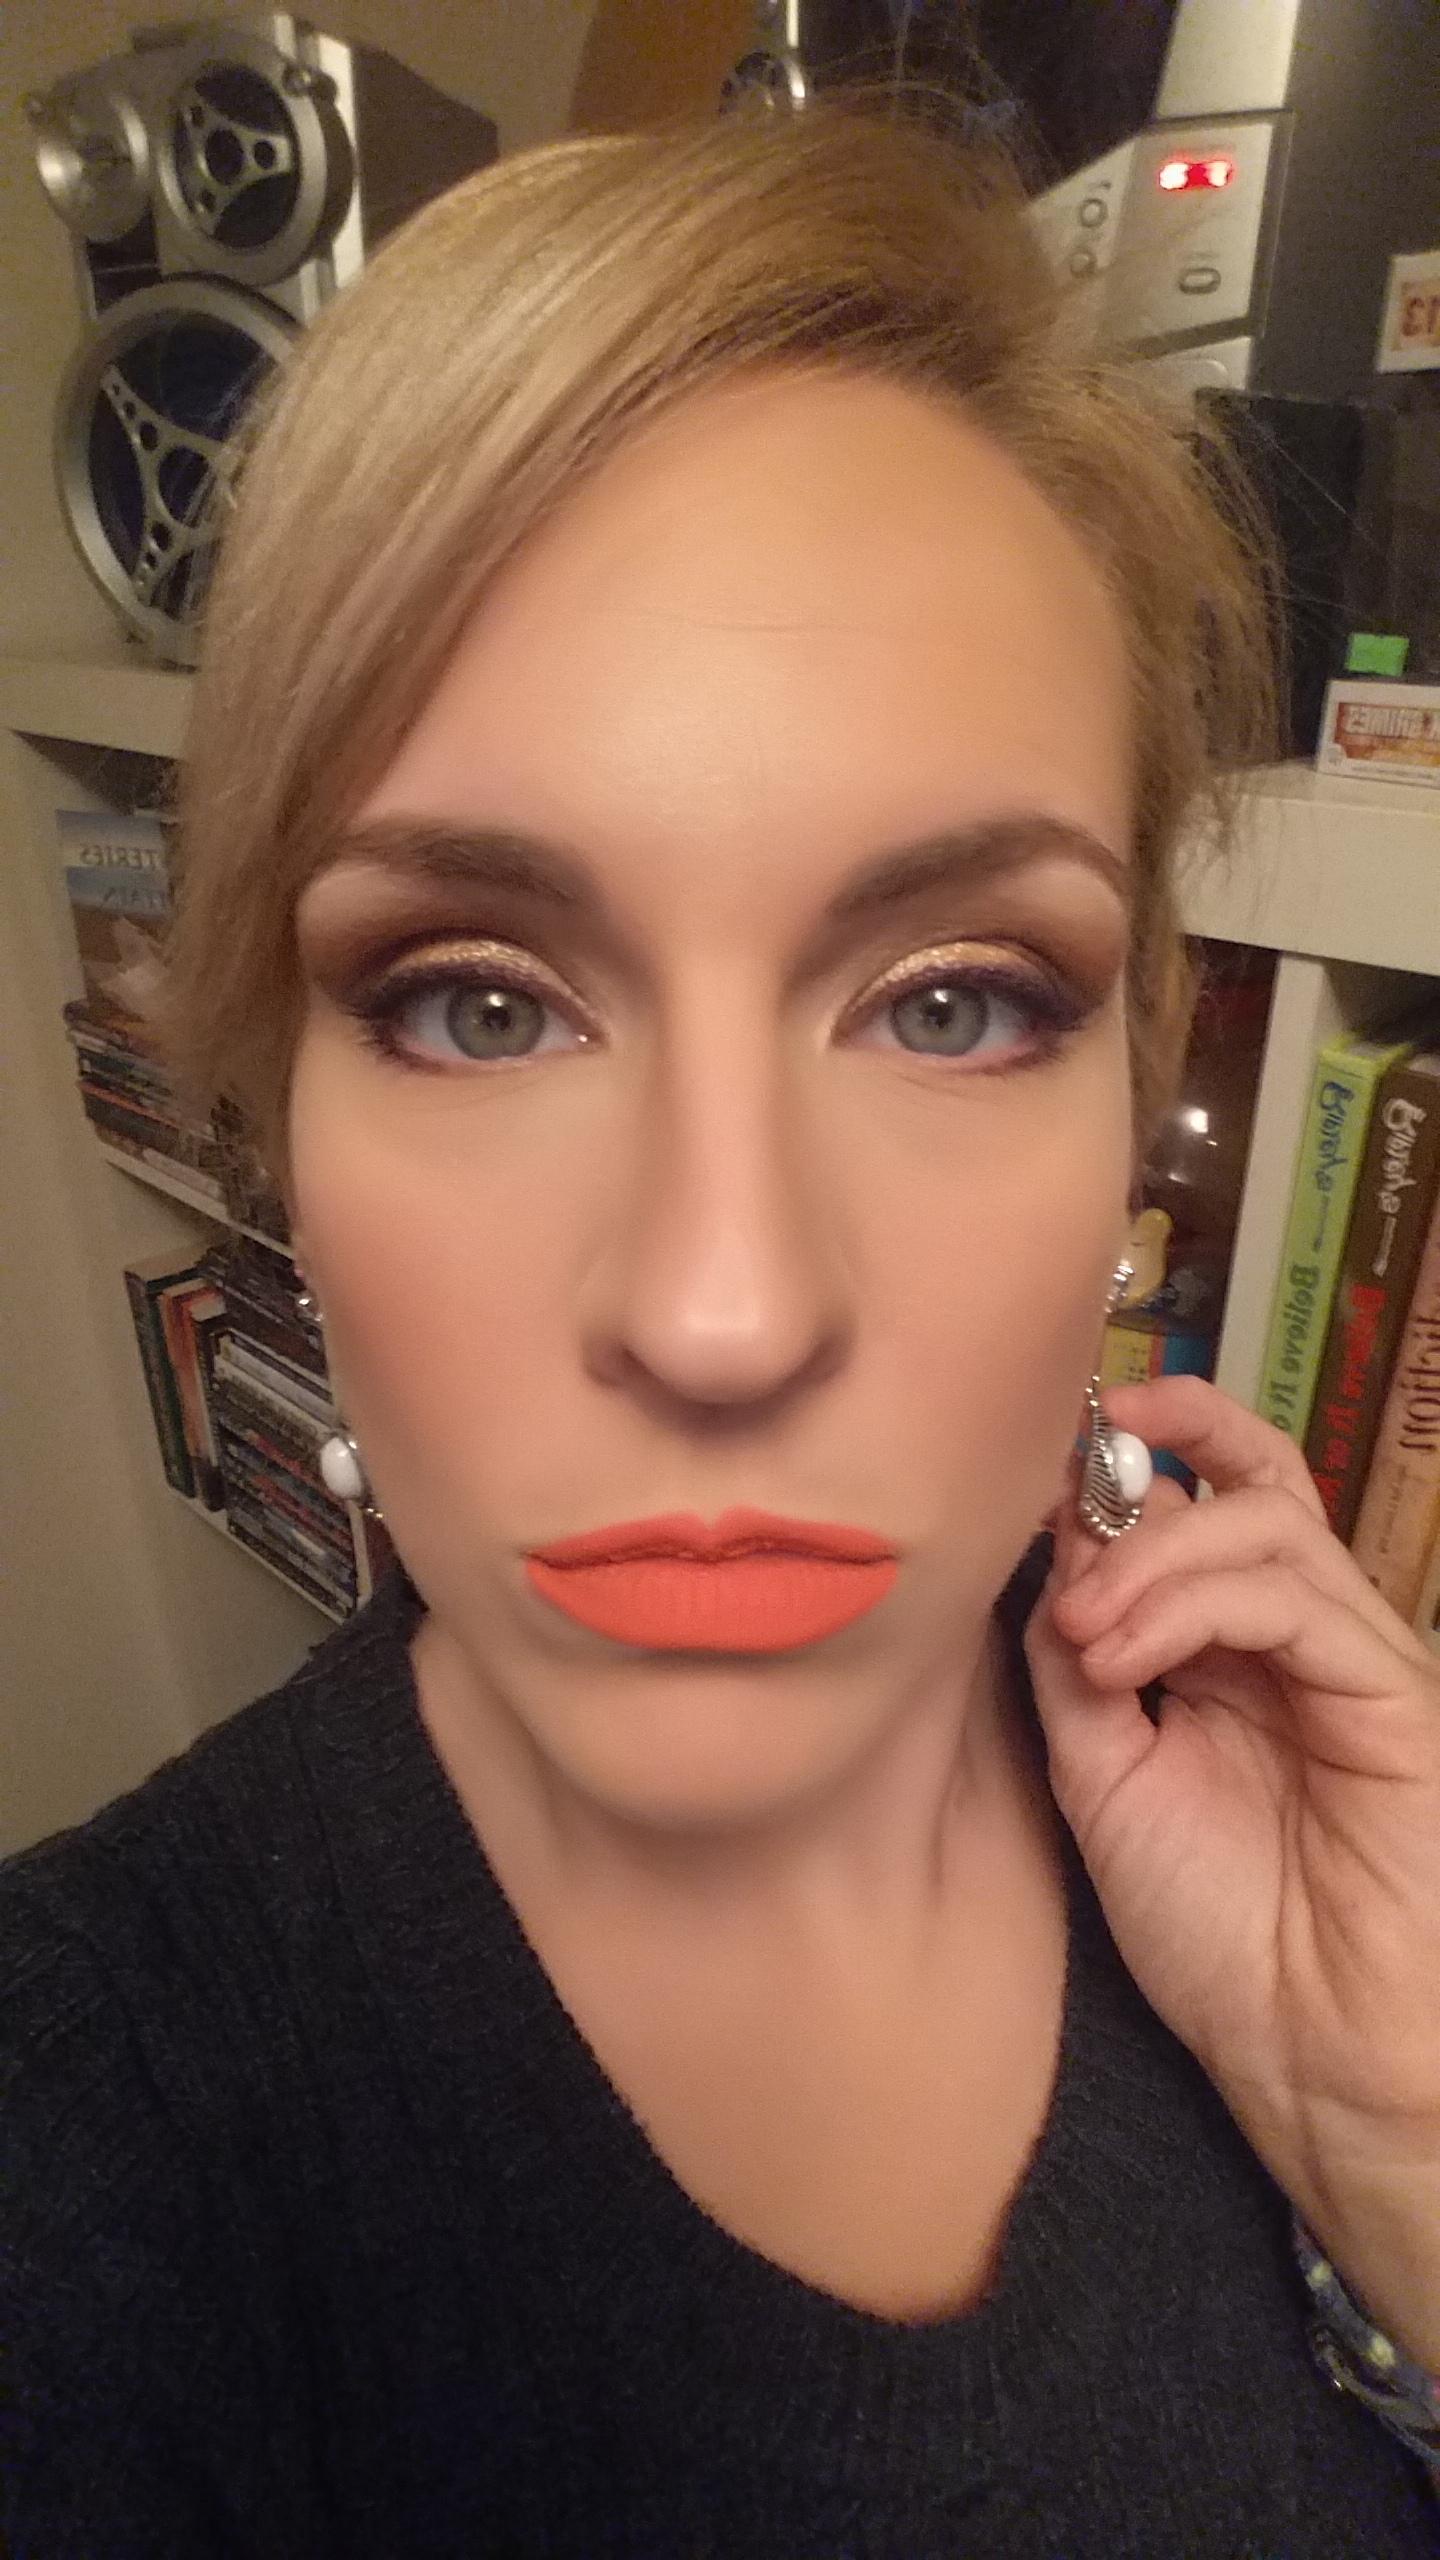 Colourpop Lippie Stix Swatches Love All These Colors: ColourPop Lippie Stix Reviews In Lipstick